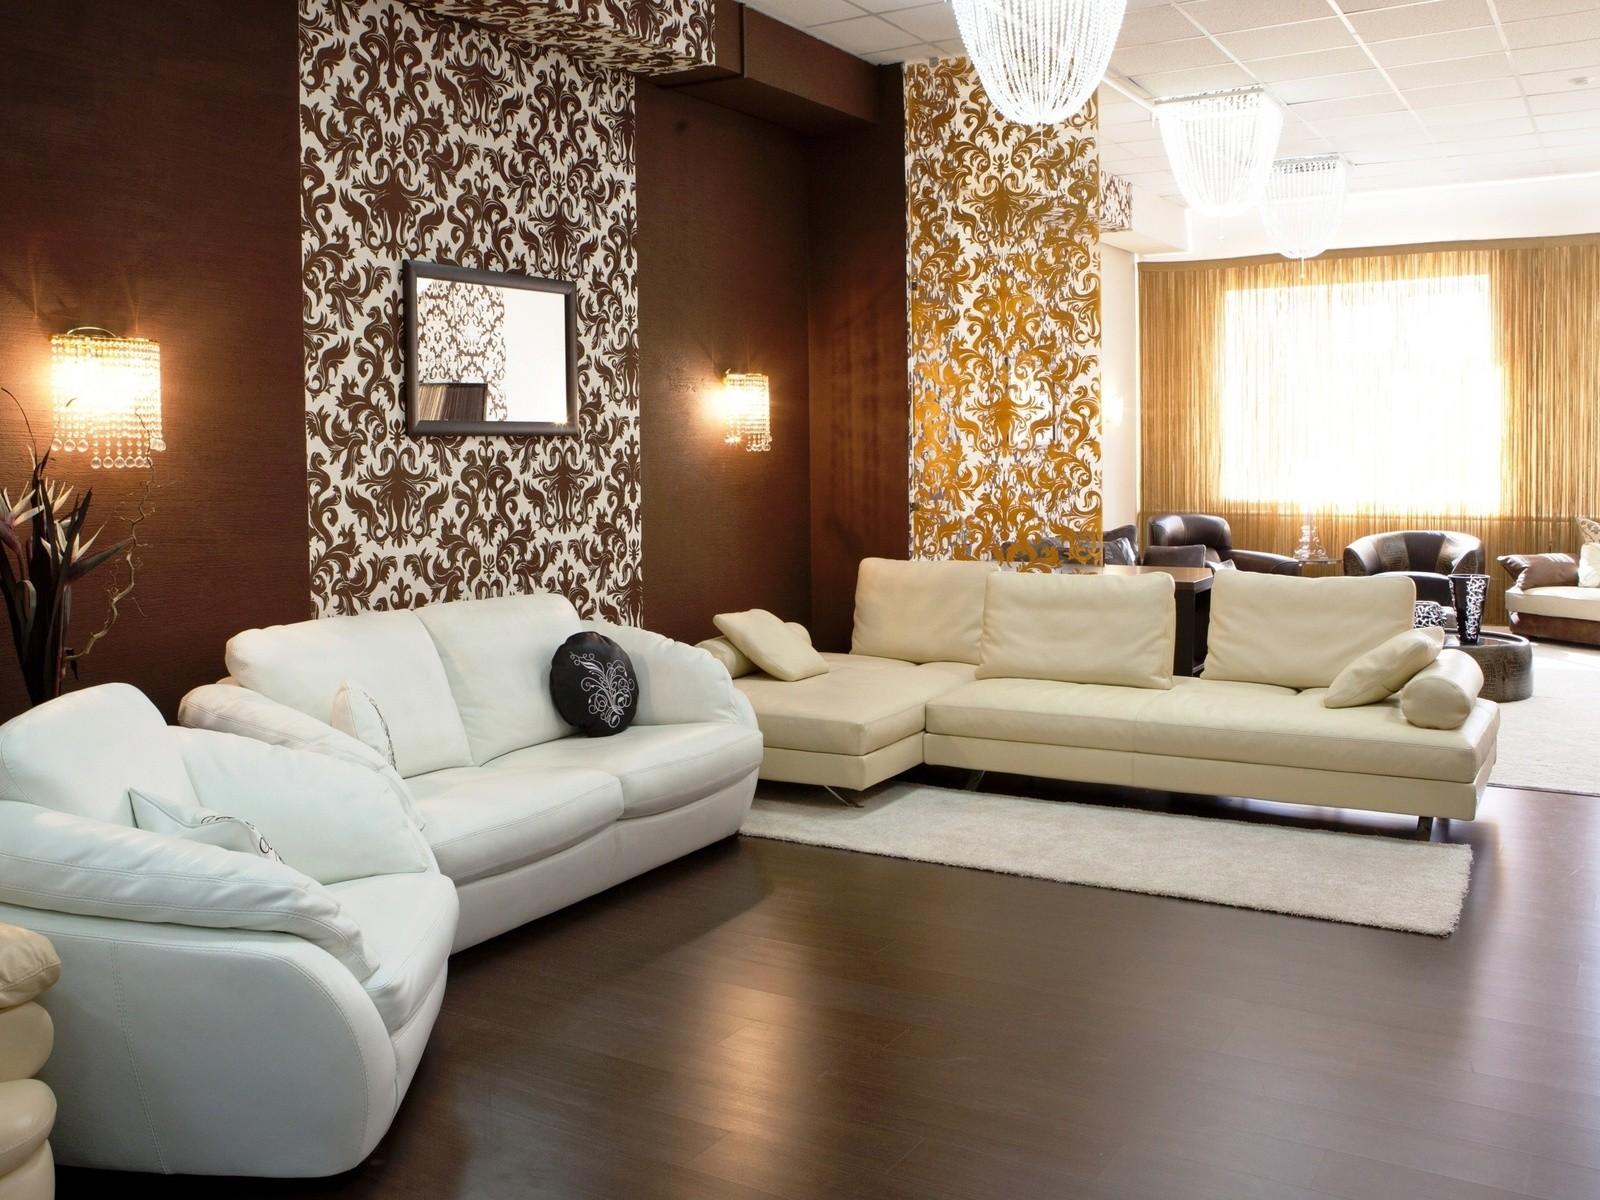 светильники для гостиной комнаты дизайн фото